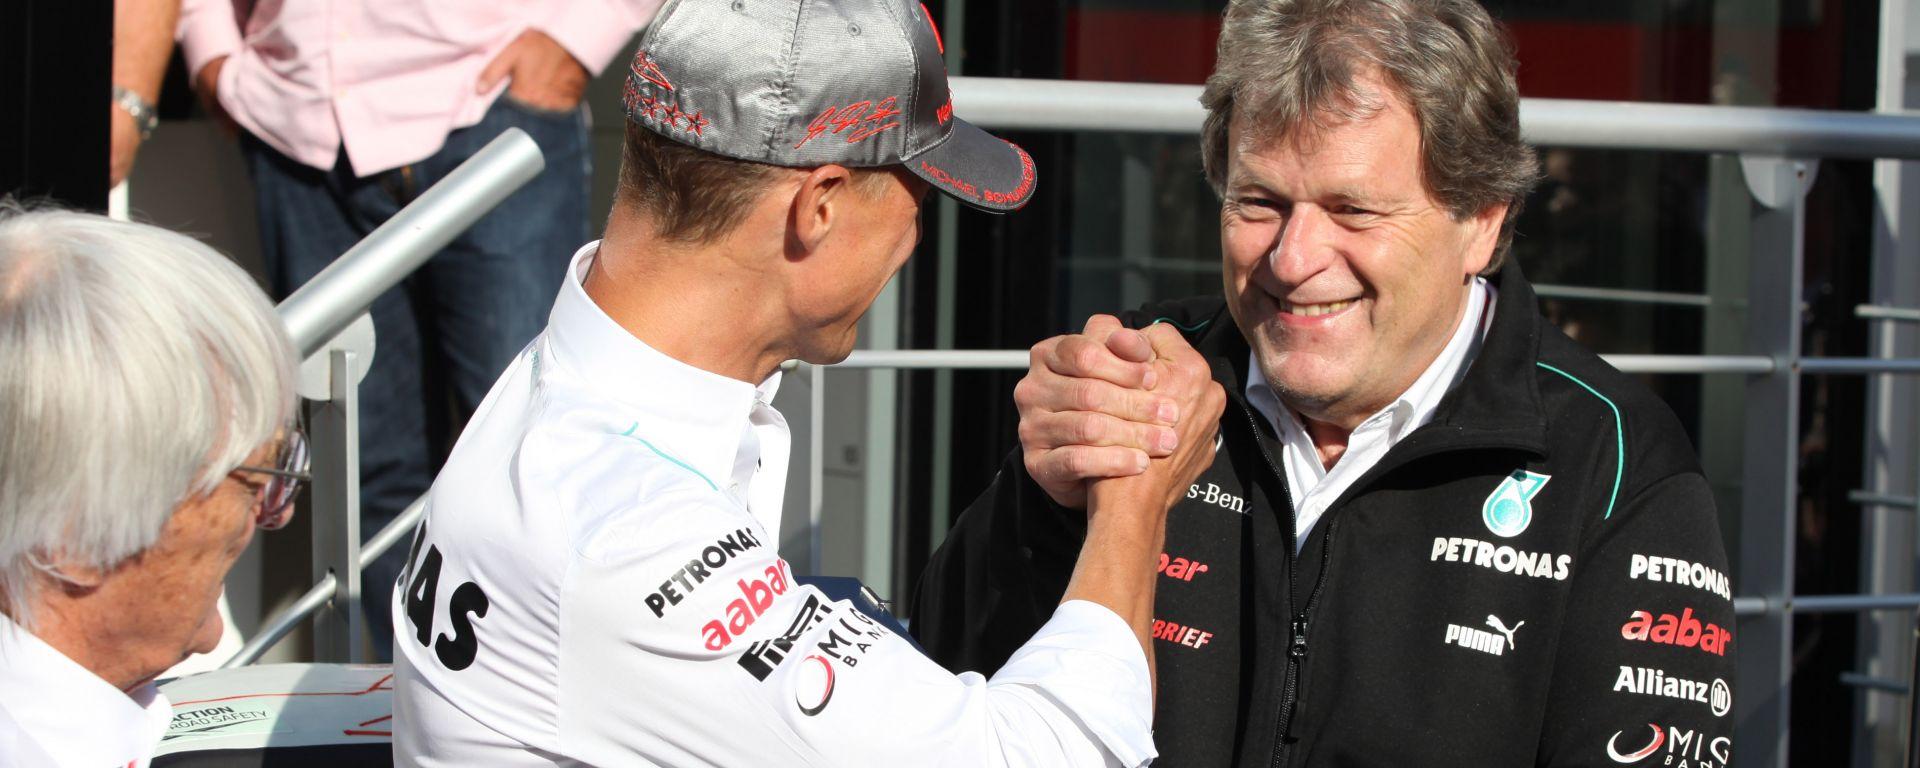 F1, Norbert Haug e Michael Schumacher alla festa per il 300° Gp del pilota tedesco